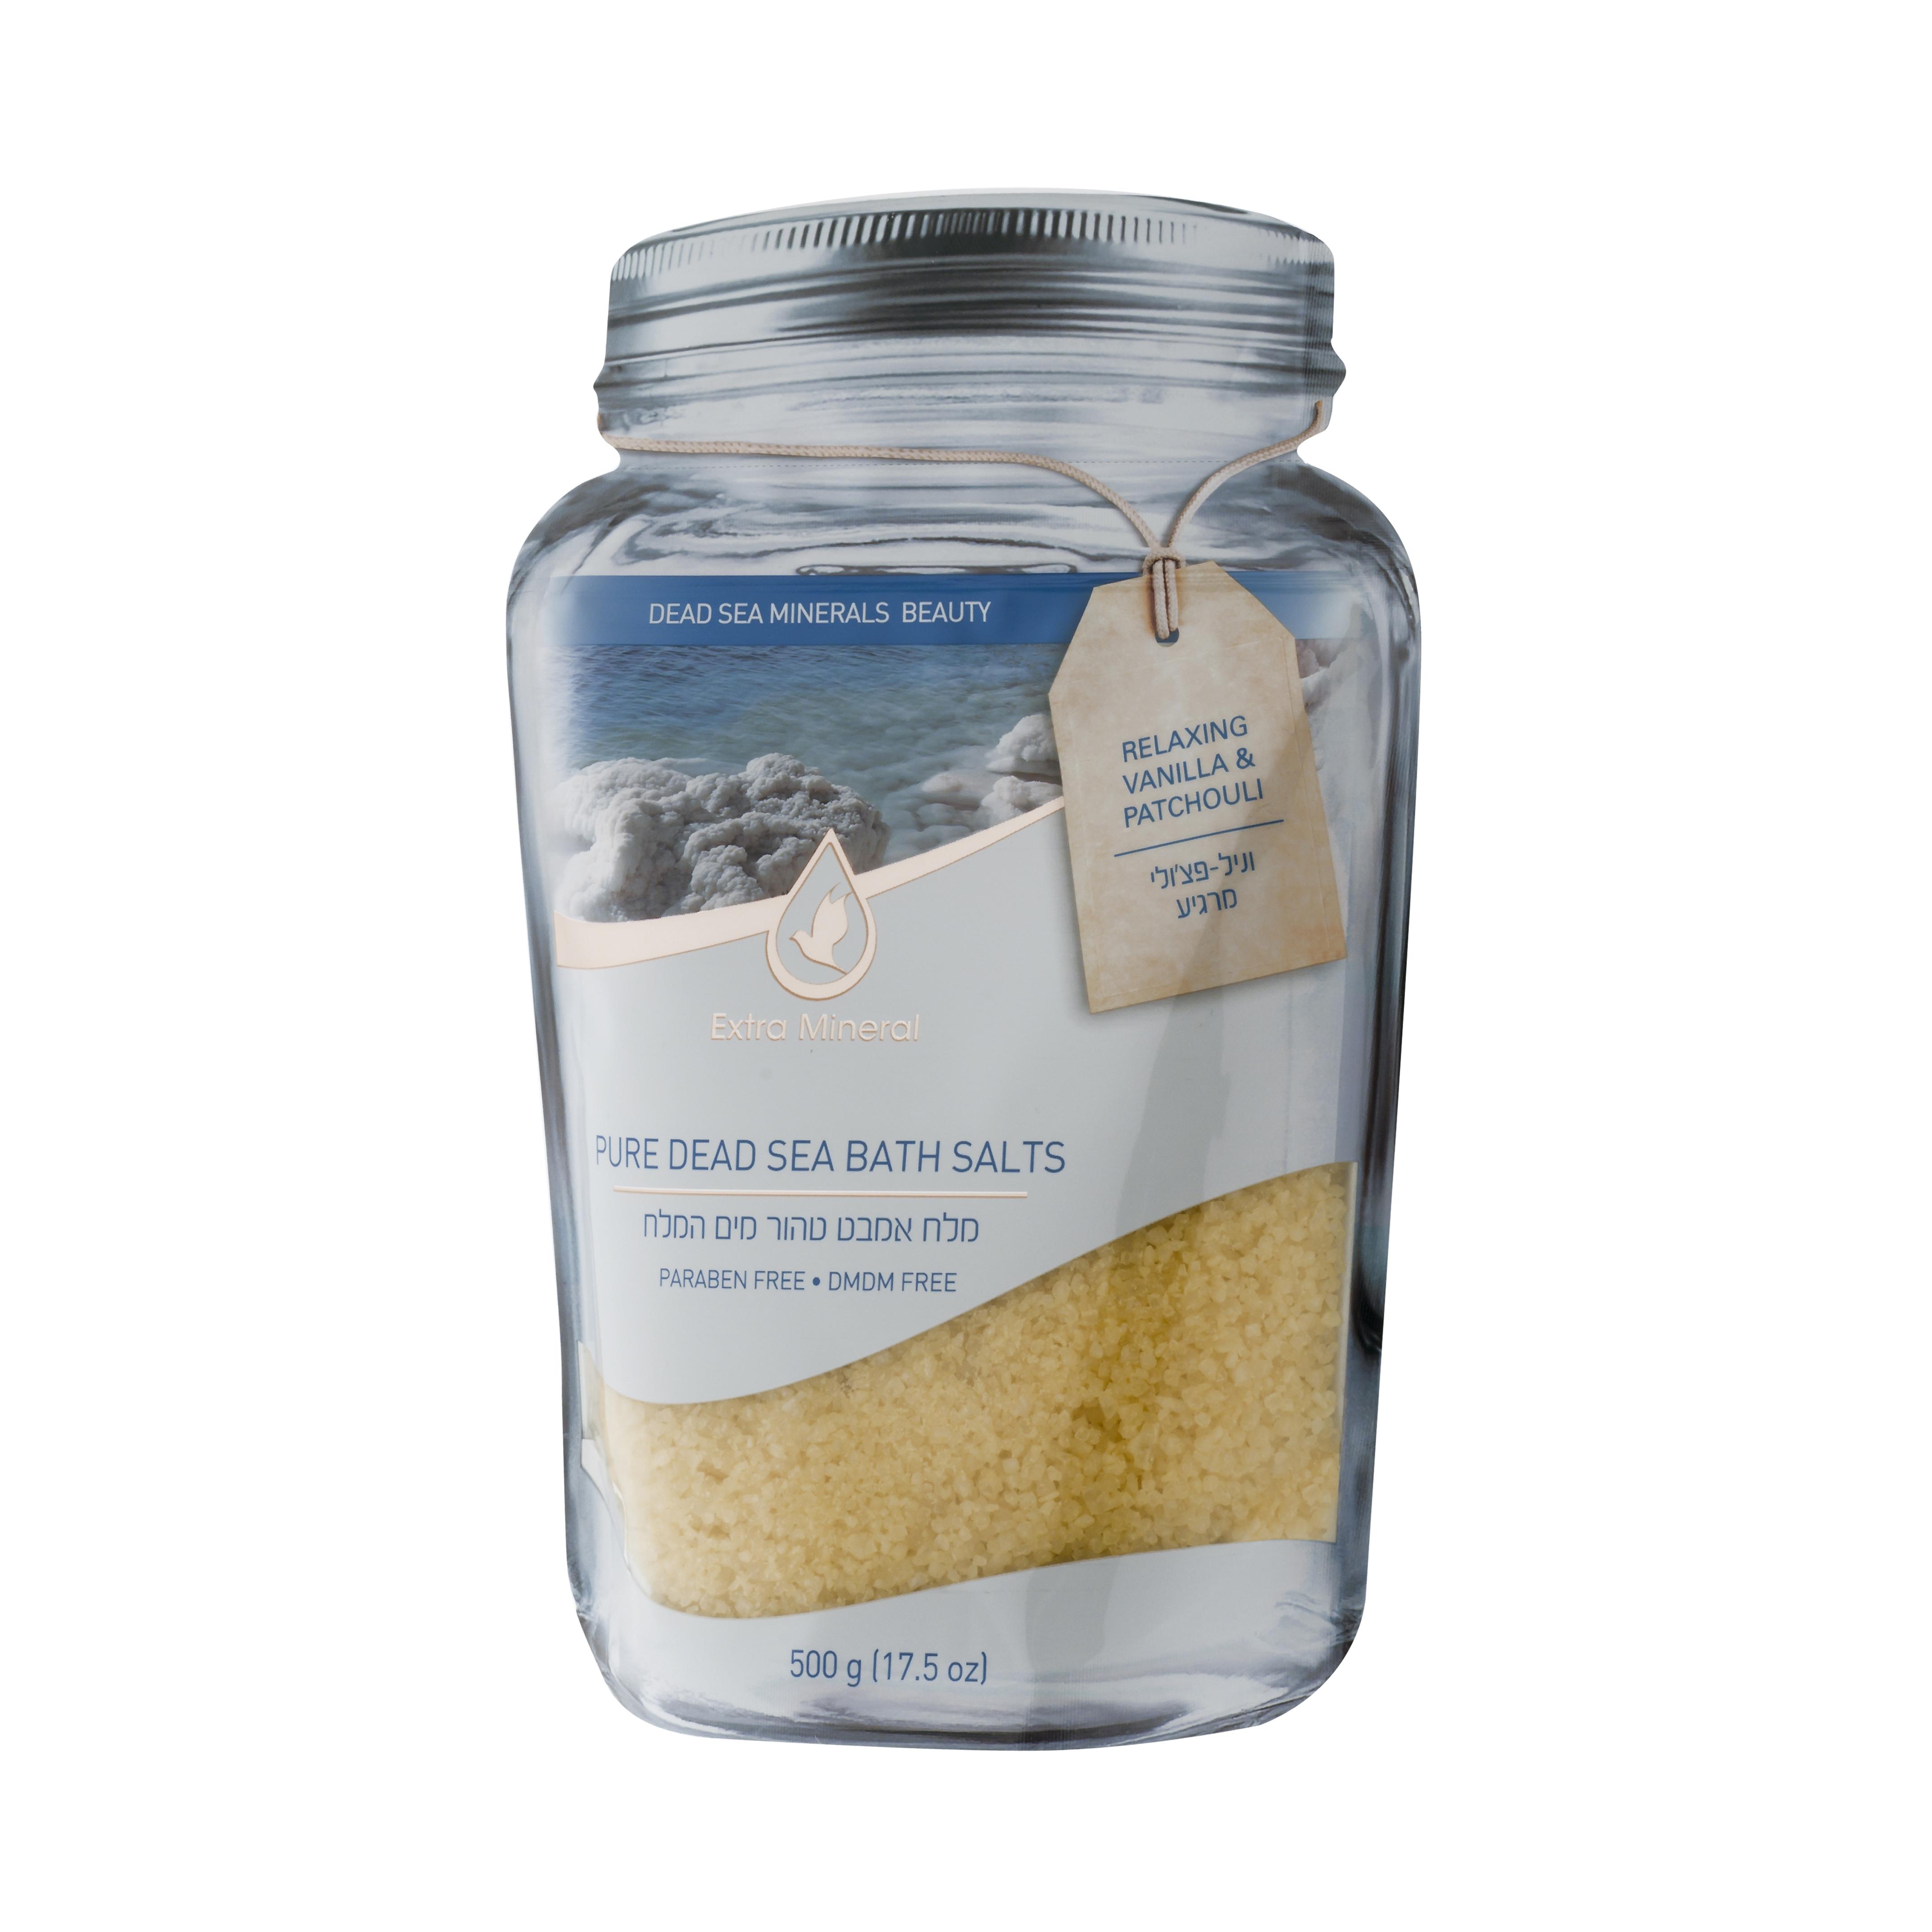 Extra Mineral Соль Мертвого моря, раслабляющая. Ваниль и пачули 500 гEXM2300Соль Мертвого моря Extra Mineral расслабляющая для ванн. Ваниль и пачули. 100% соль Мервого моря, обогащенная минералами Мертвого моря с легким ароматом ванили. Благотворно влияет на кожу и организм в целом, питая кожу минералами Мертвого моря, снимая напряжение в мышцах. Позвольте себе испытать ощущение полного расслабления на волшебном берегу Мертвого моря. Уникальная упаковка позволяет открывать и закрывать тубу многократно, сохраняя полезные свойства и аромат соли Мертвого моря Extra Mineral.